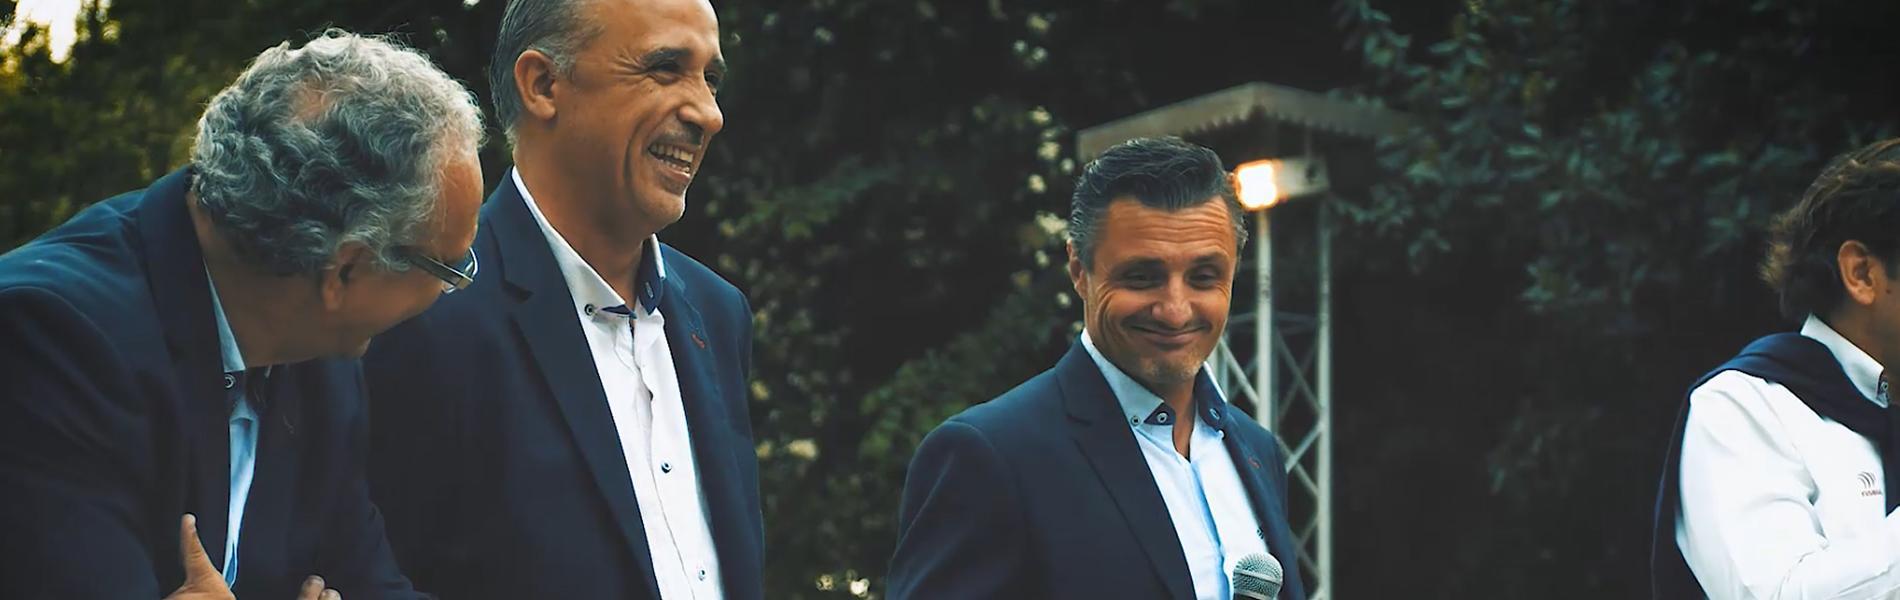 Image Clotûre de la saison 17.18 : Interview des Co-Présidents